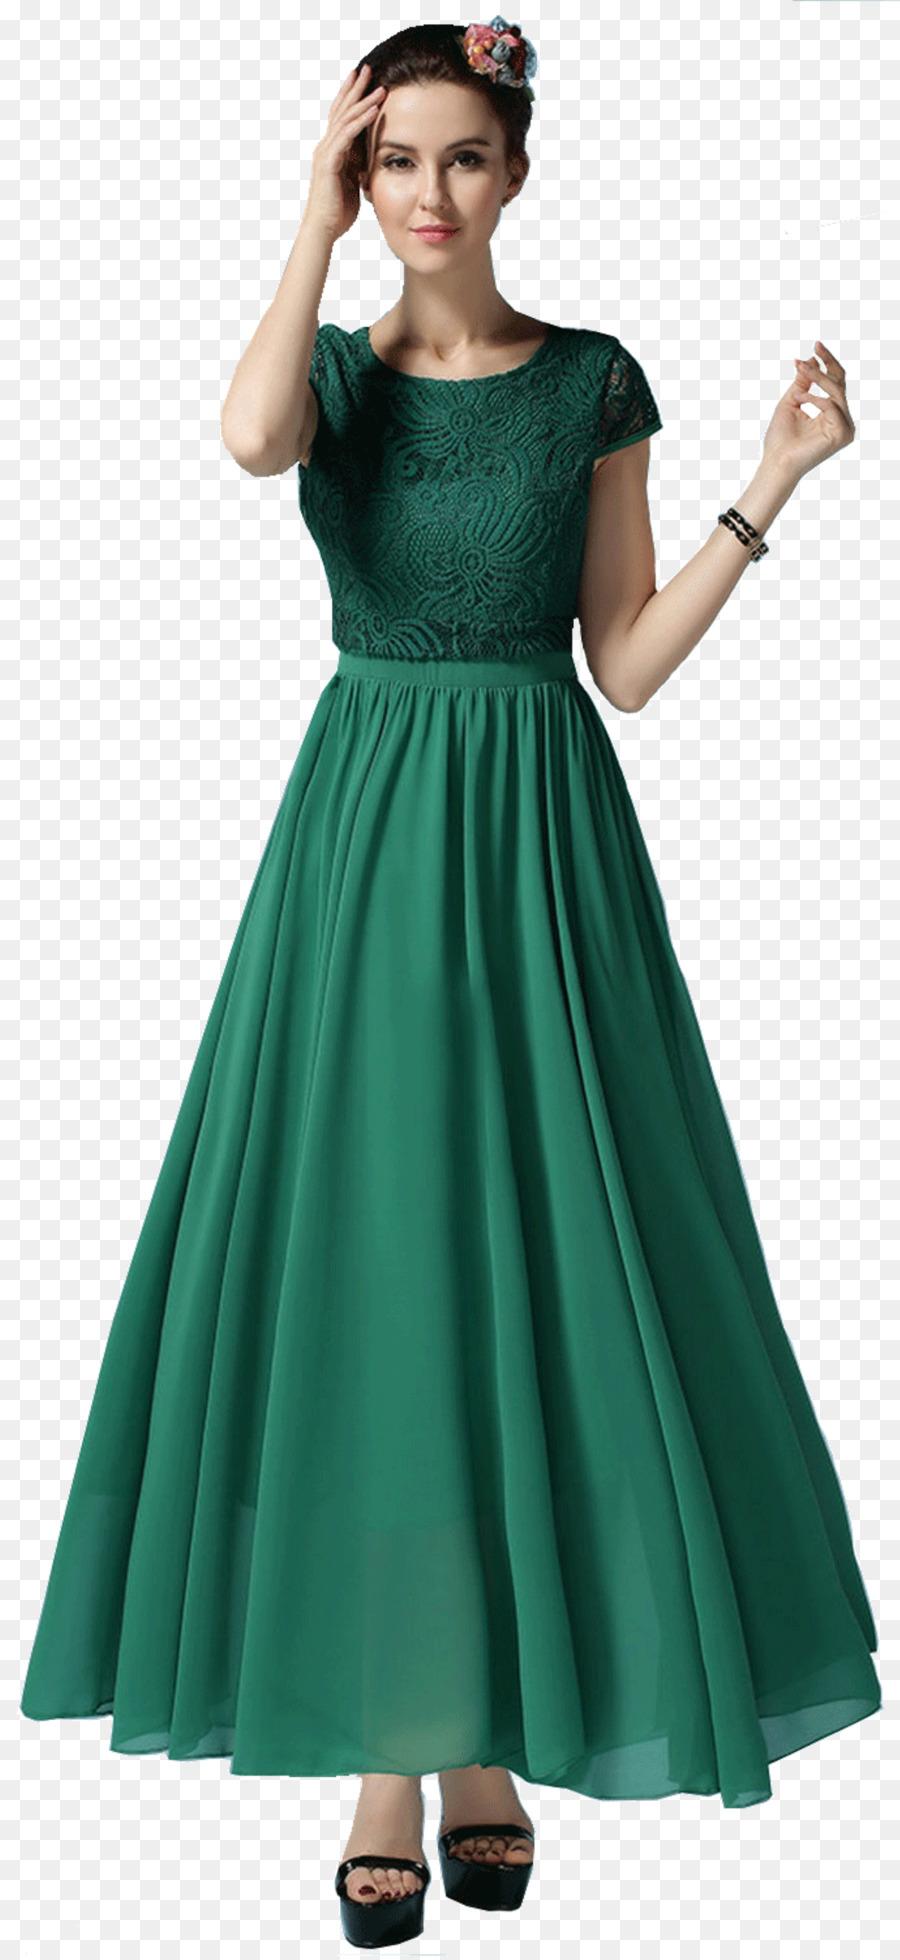 Gaun Sifon Pakaian Atas Rok Lipit Unduh Bahu Pinggang Tunik